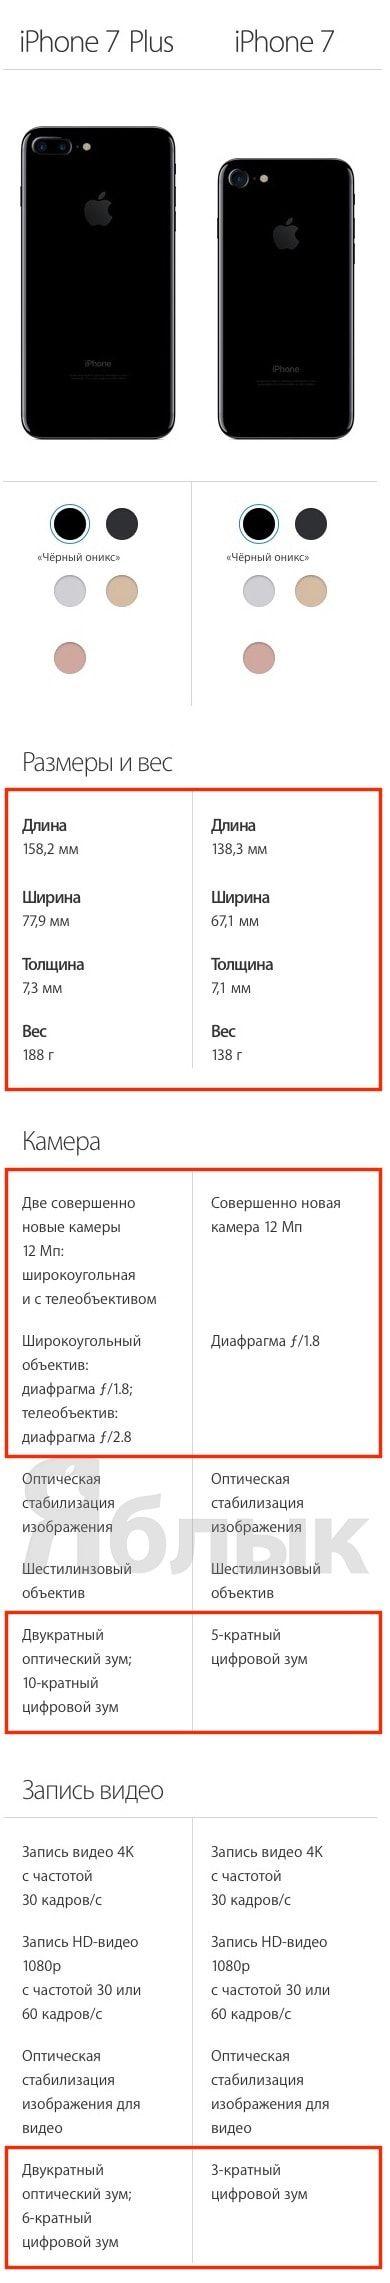 Чем отличается iPhone 7 от iPhone 7 Plus